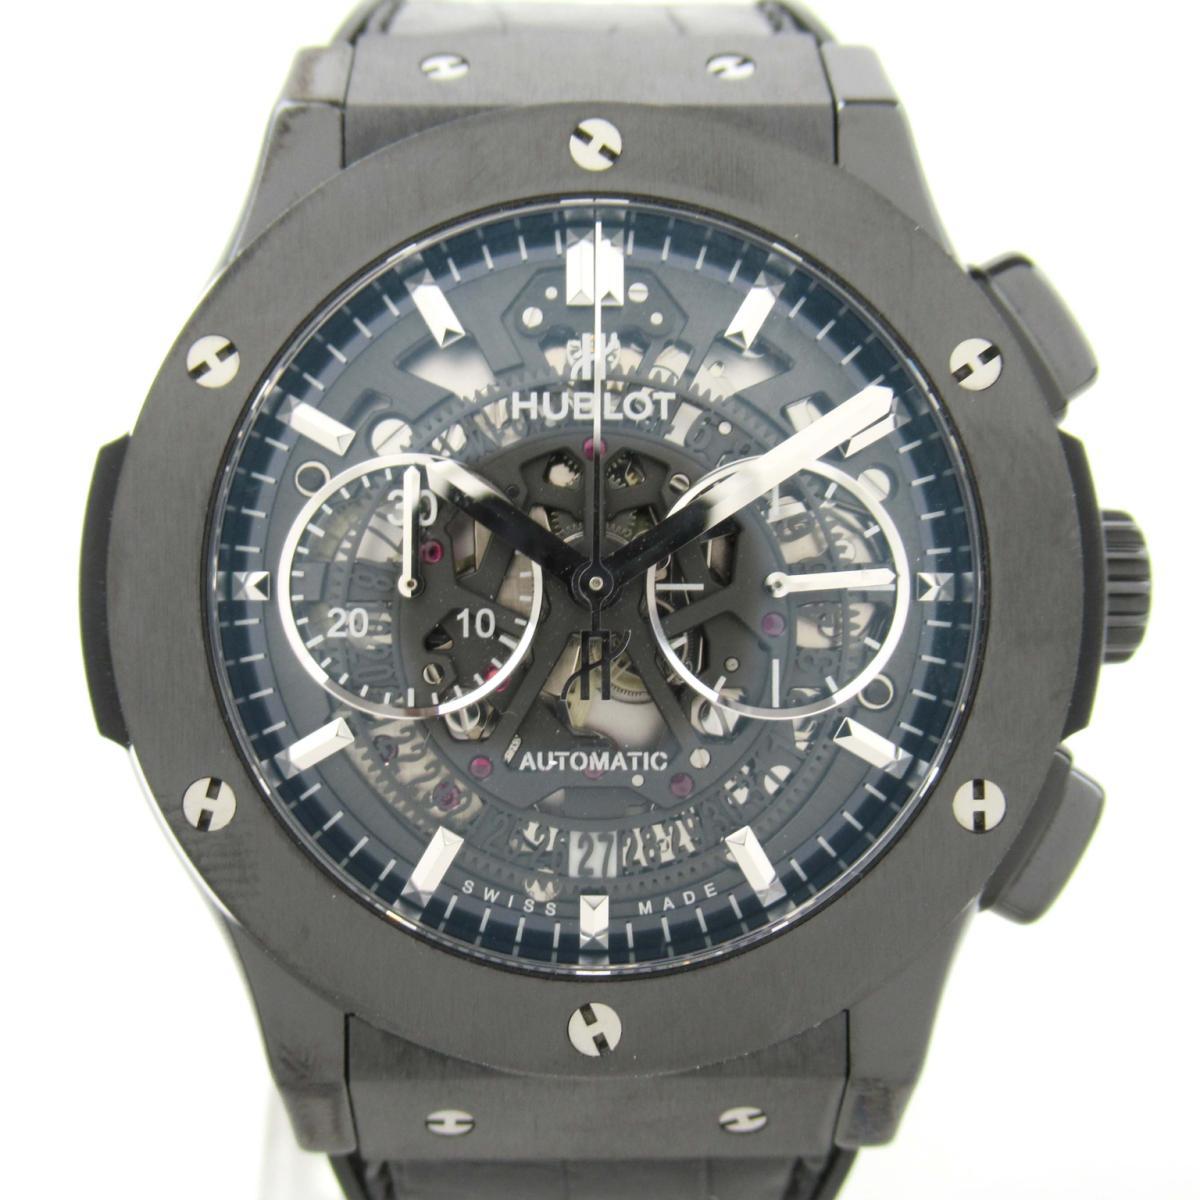 【中古】ウブロ アエロフュージョン ウォッチ 腕時計 メンズ ステンレススチール (SS) x セラミック レザーベルト (525.CM.0170.R ) | HUBLOT BRANDOFF ブランドオフ ブランド ブランド時計 ブランド腕時計 時計